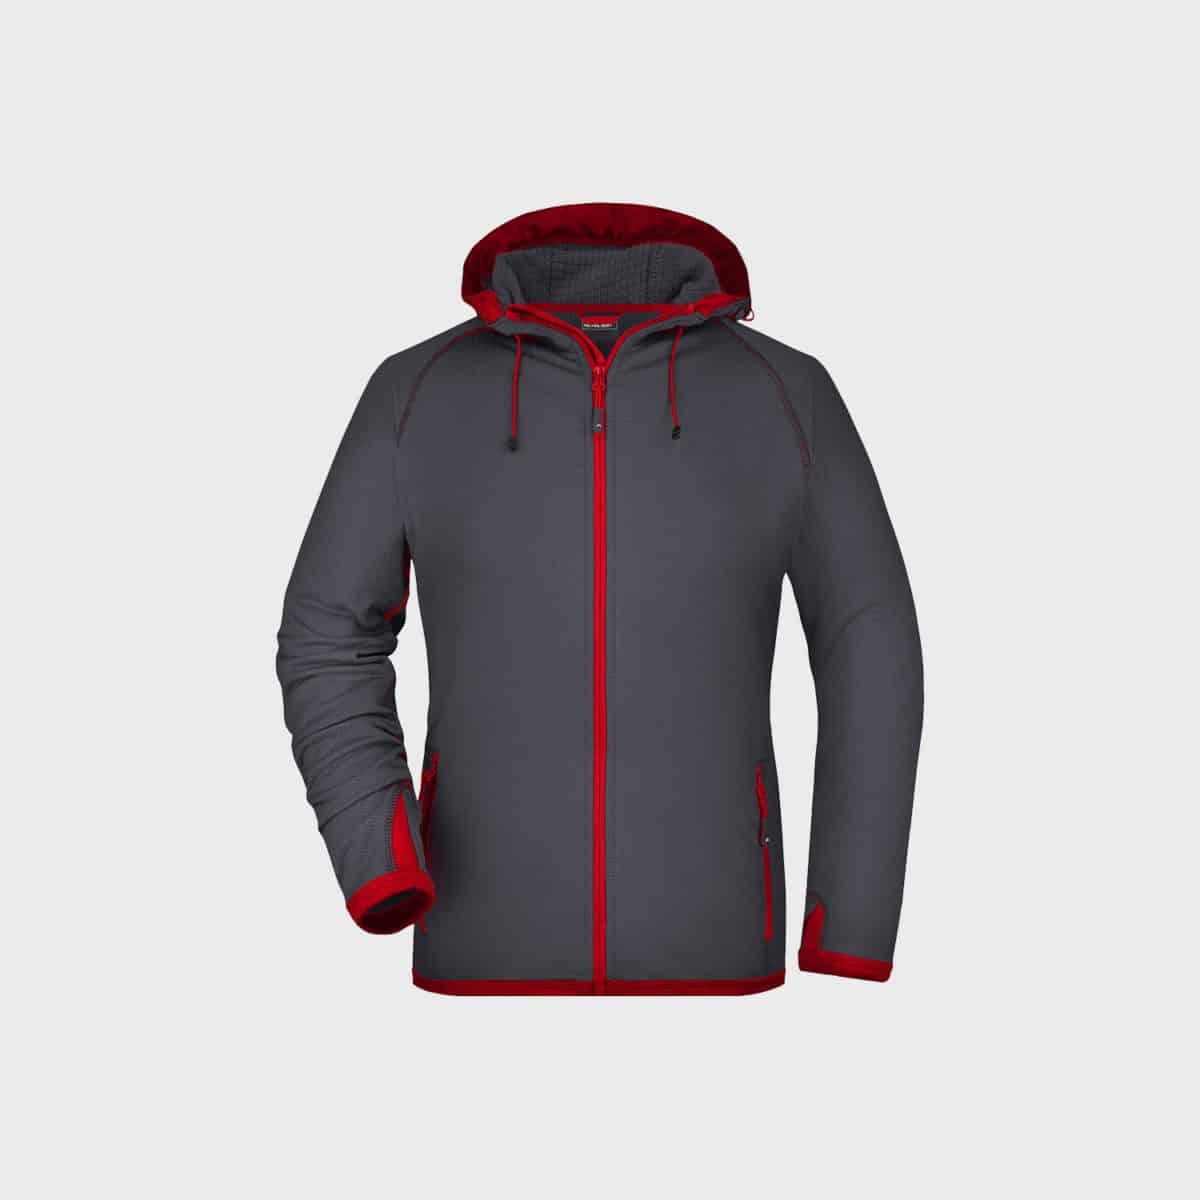 hooded-fleece-jacket-damen-carbon-red-kaufen-besticken_stickmanufaktur